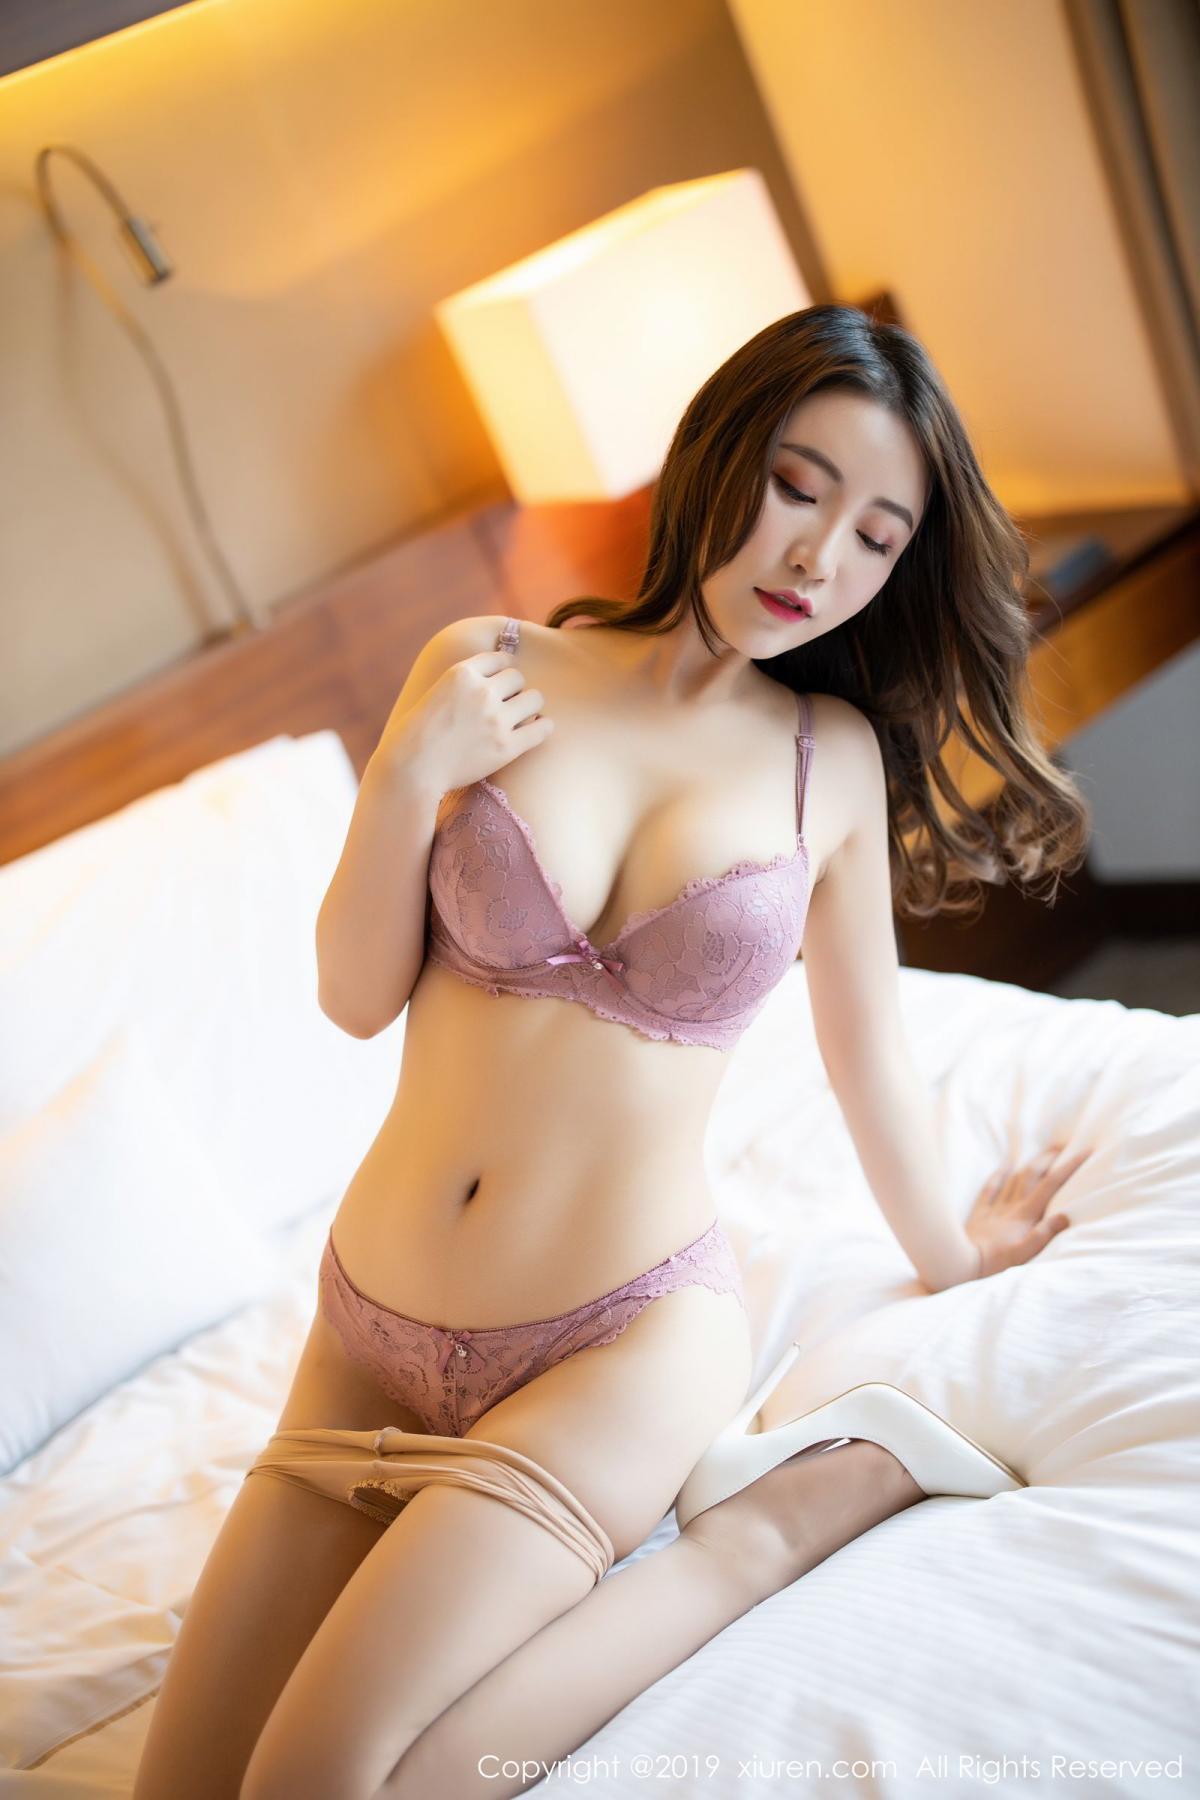 [XiaoYu] Vol.1697 Xie Zhi Xin 49P, Home, Sexy, XiaoYu, Xie Zhi Xin